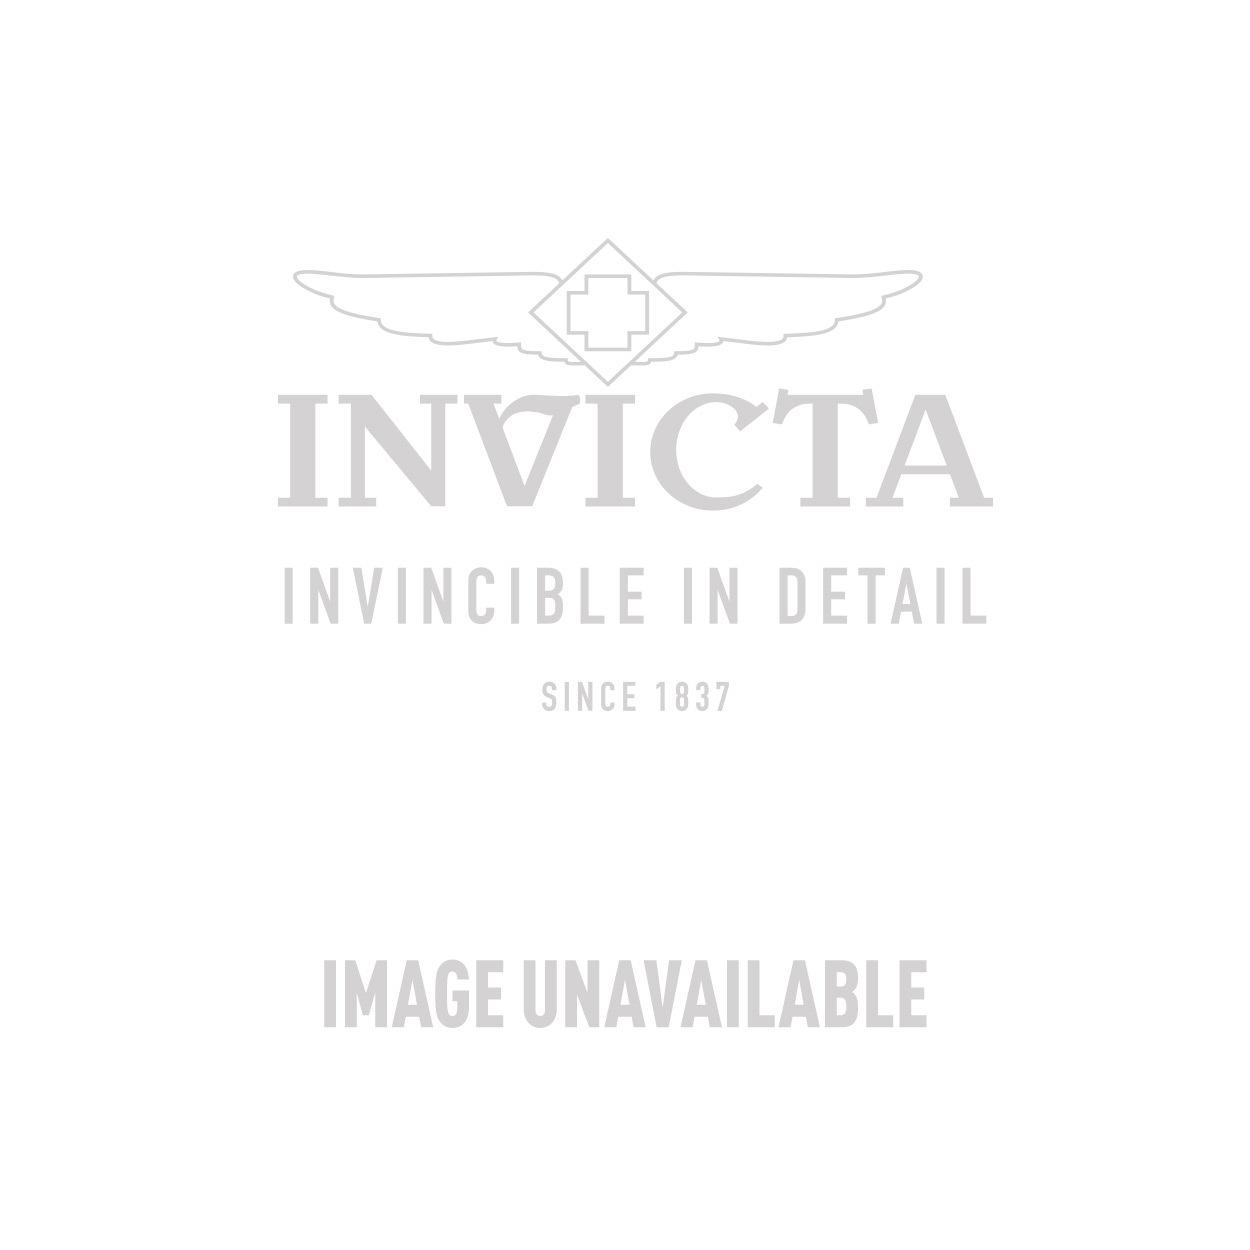 Invicta Model 25144